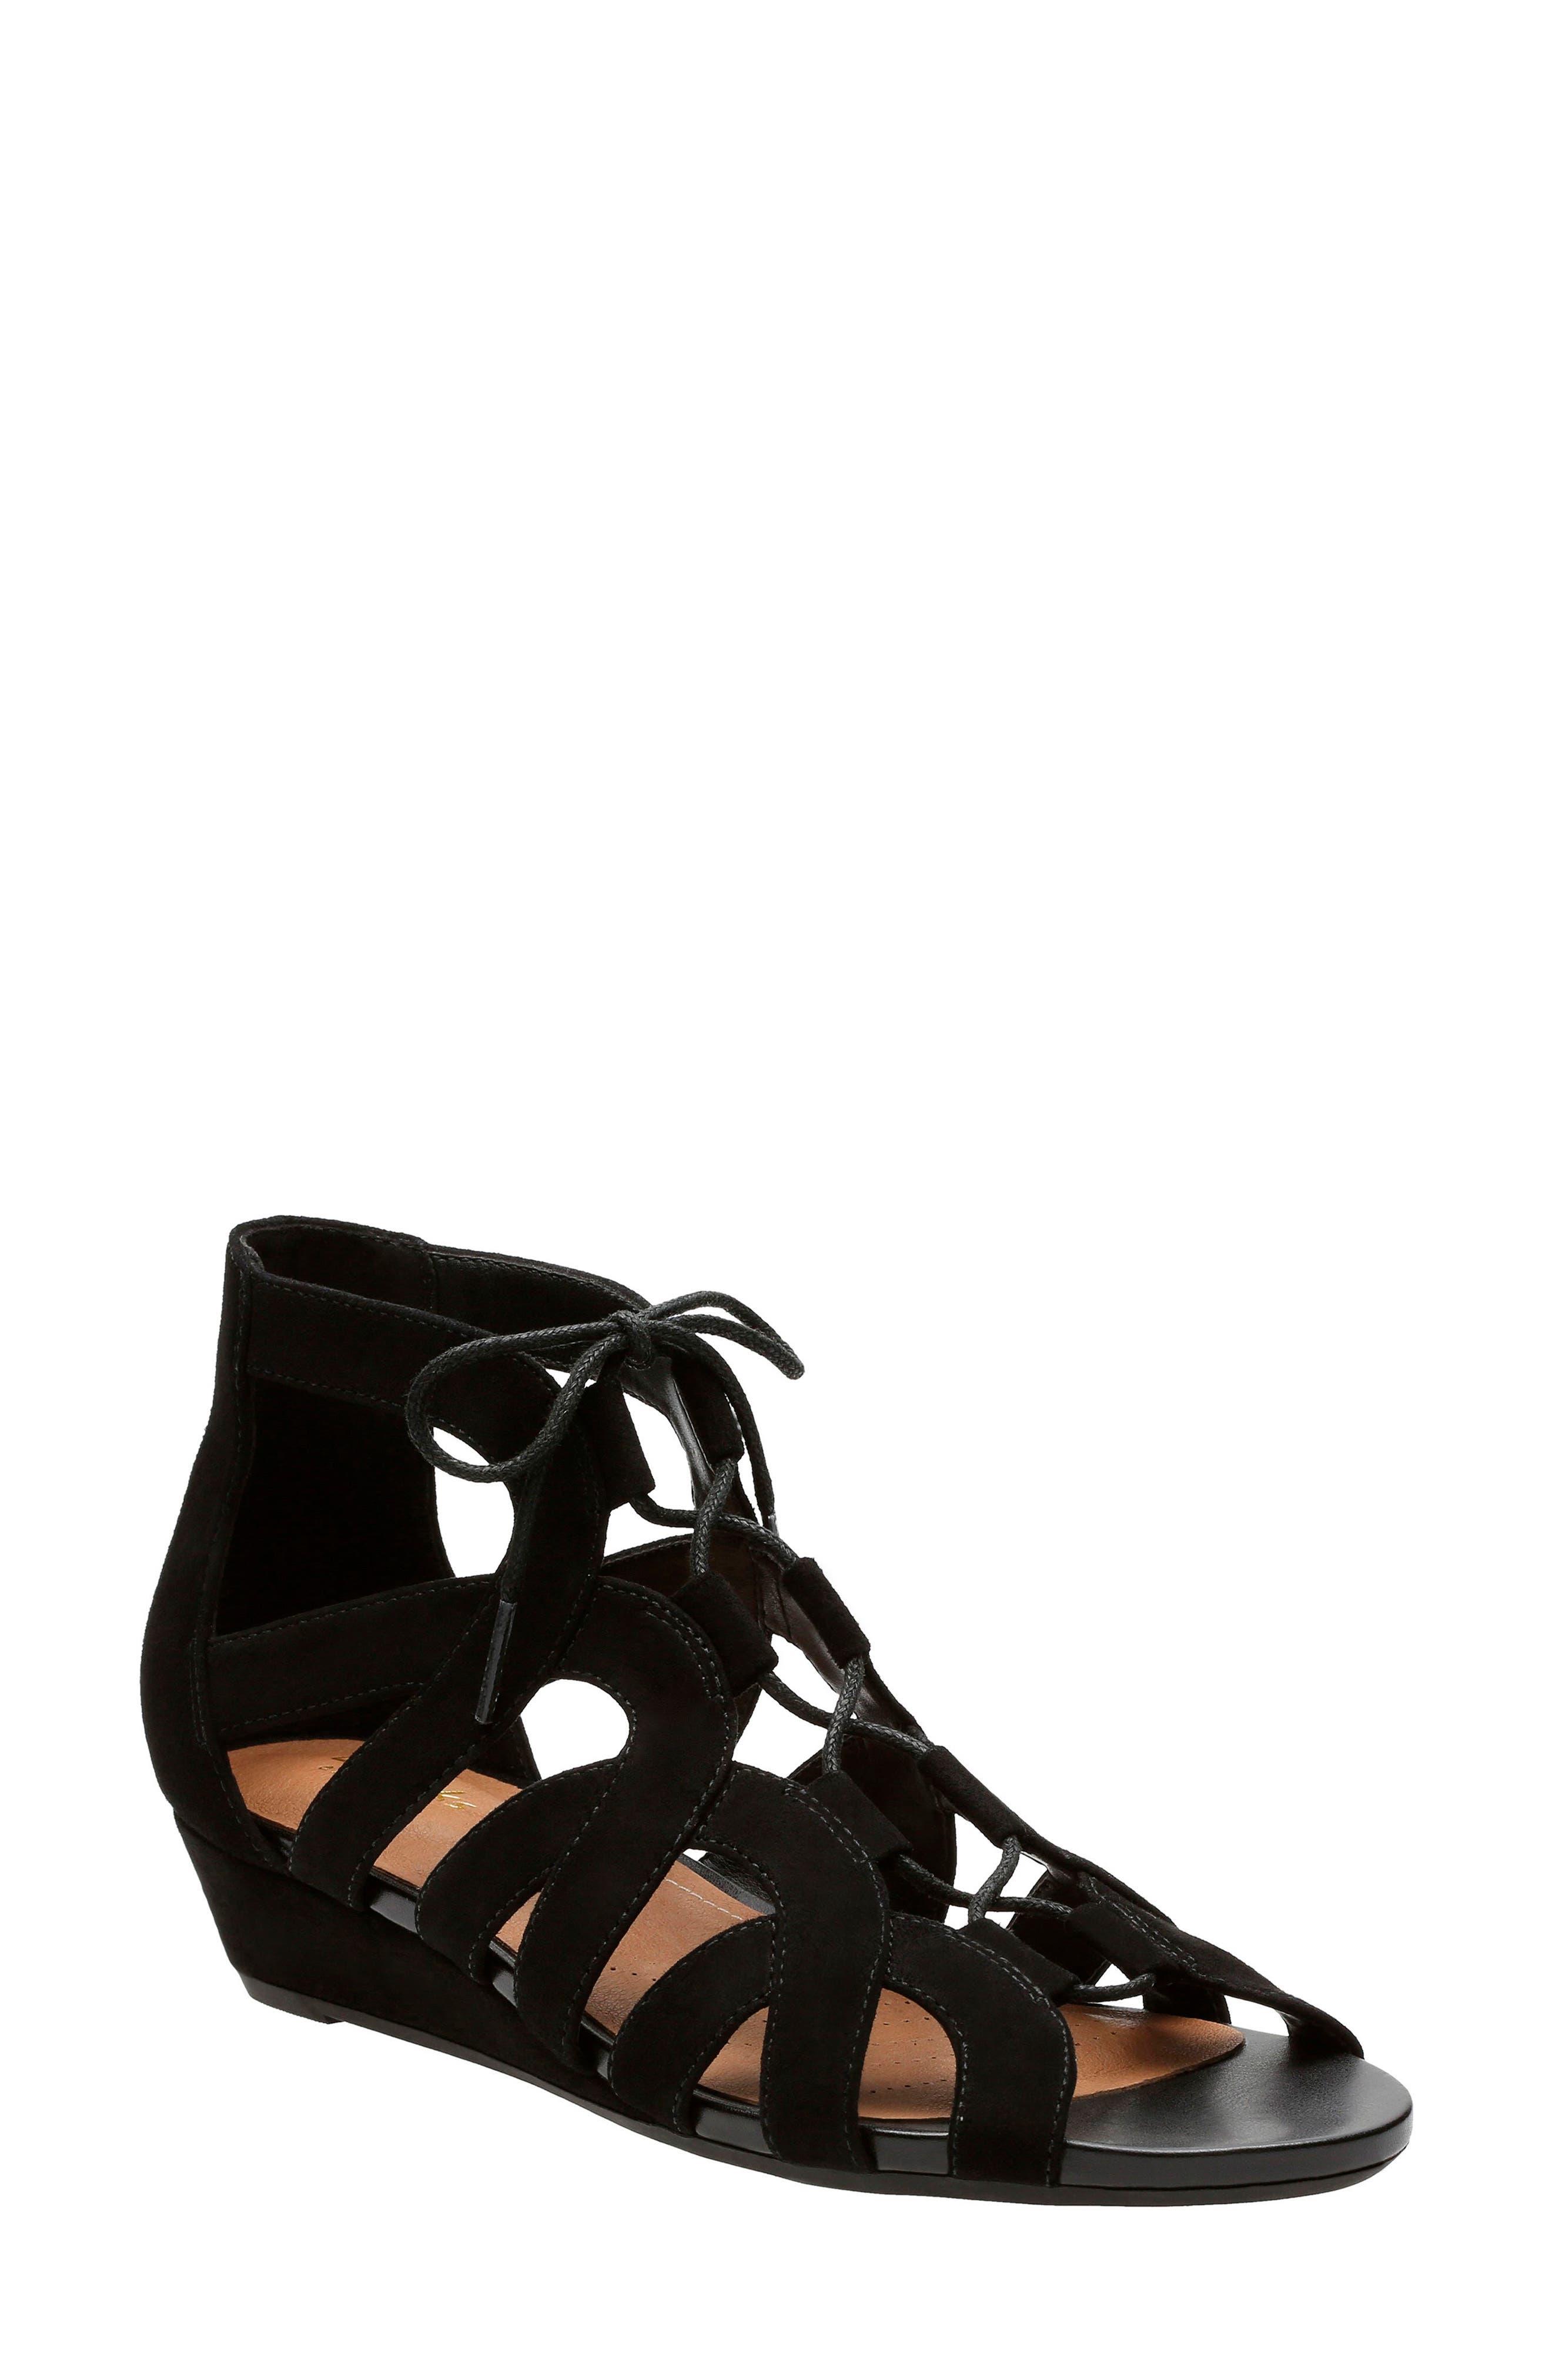 CLARKS® Parram Lux Sandal